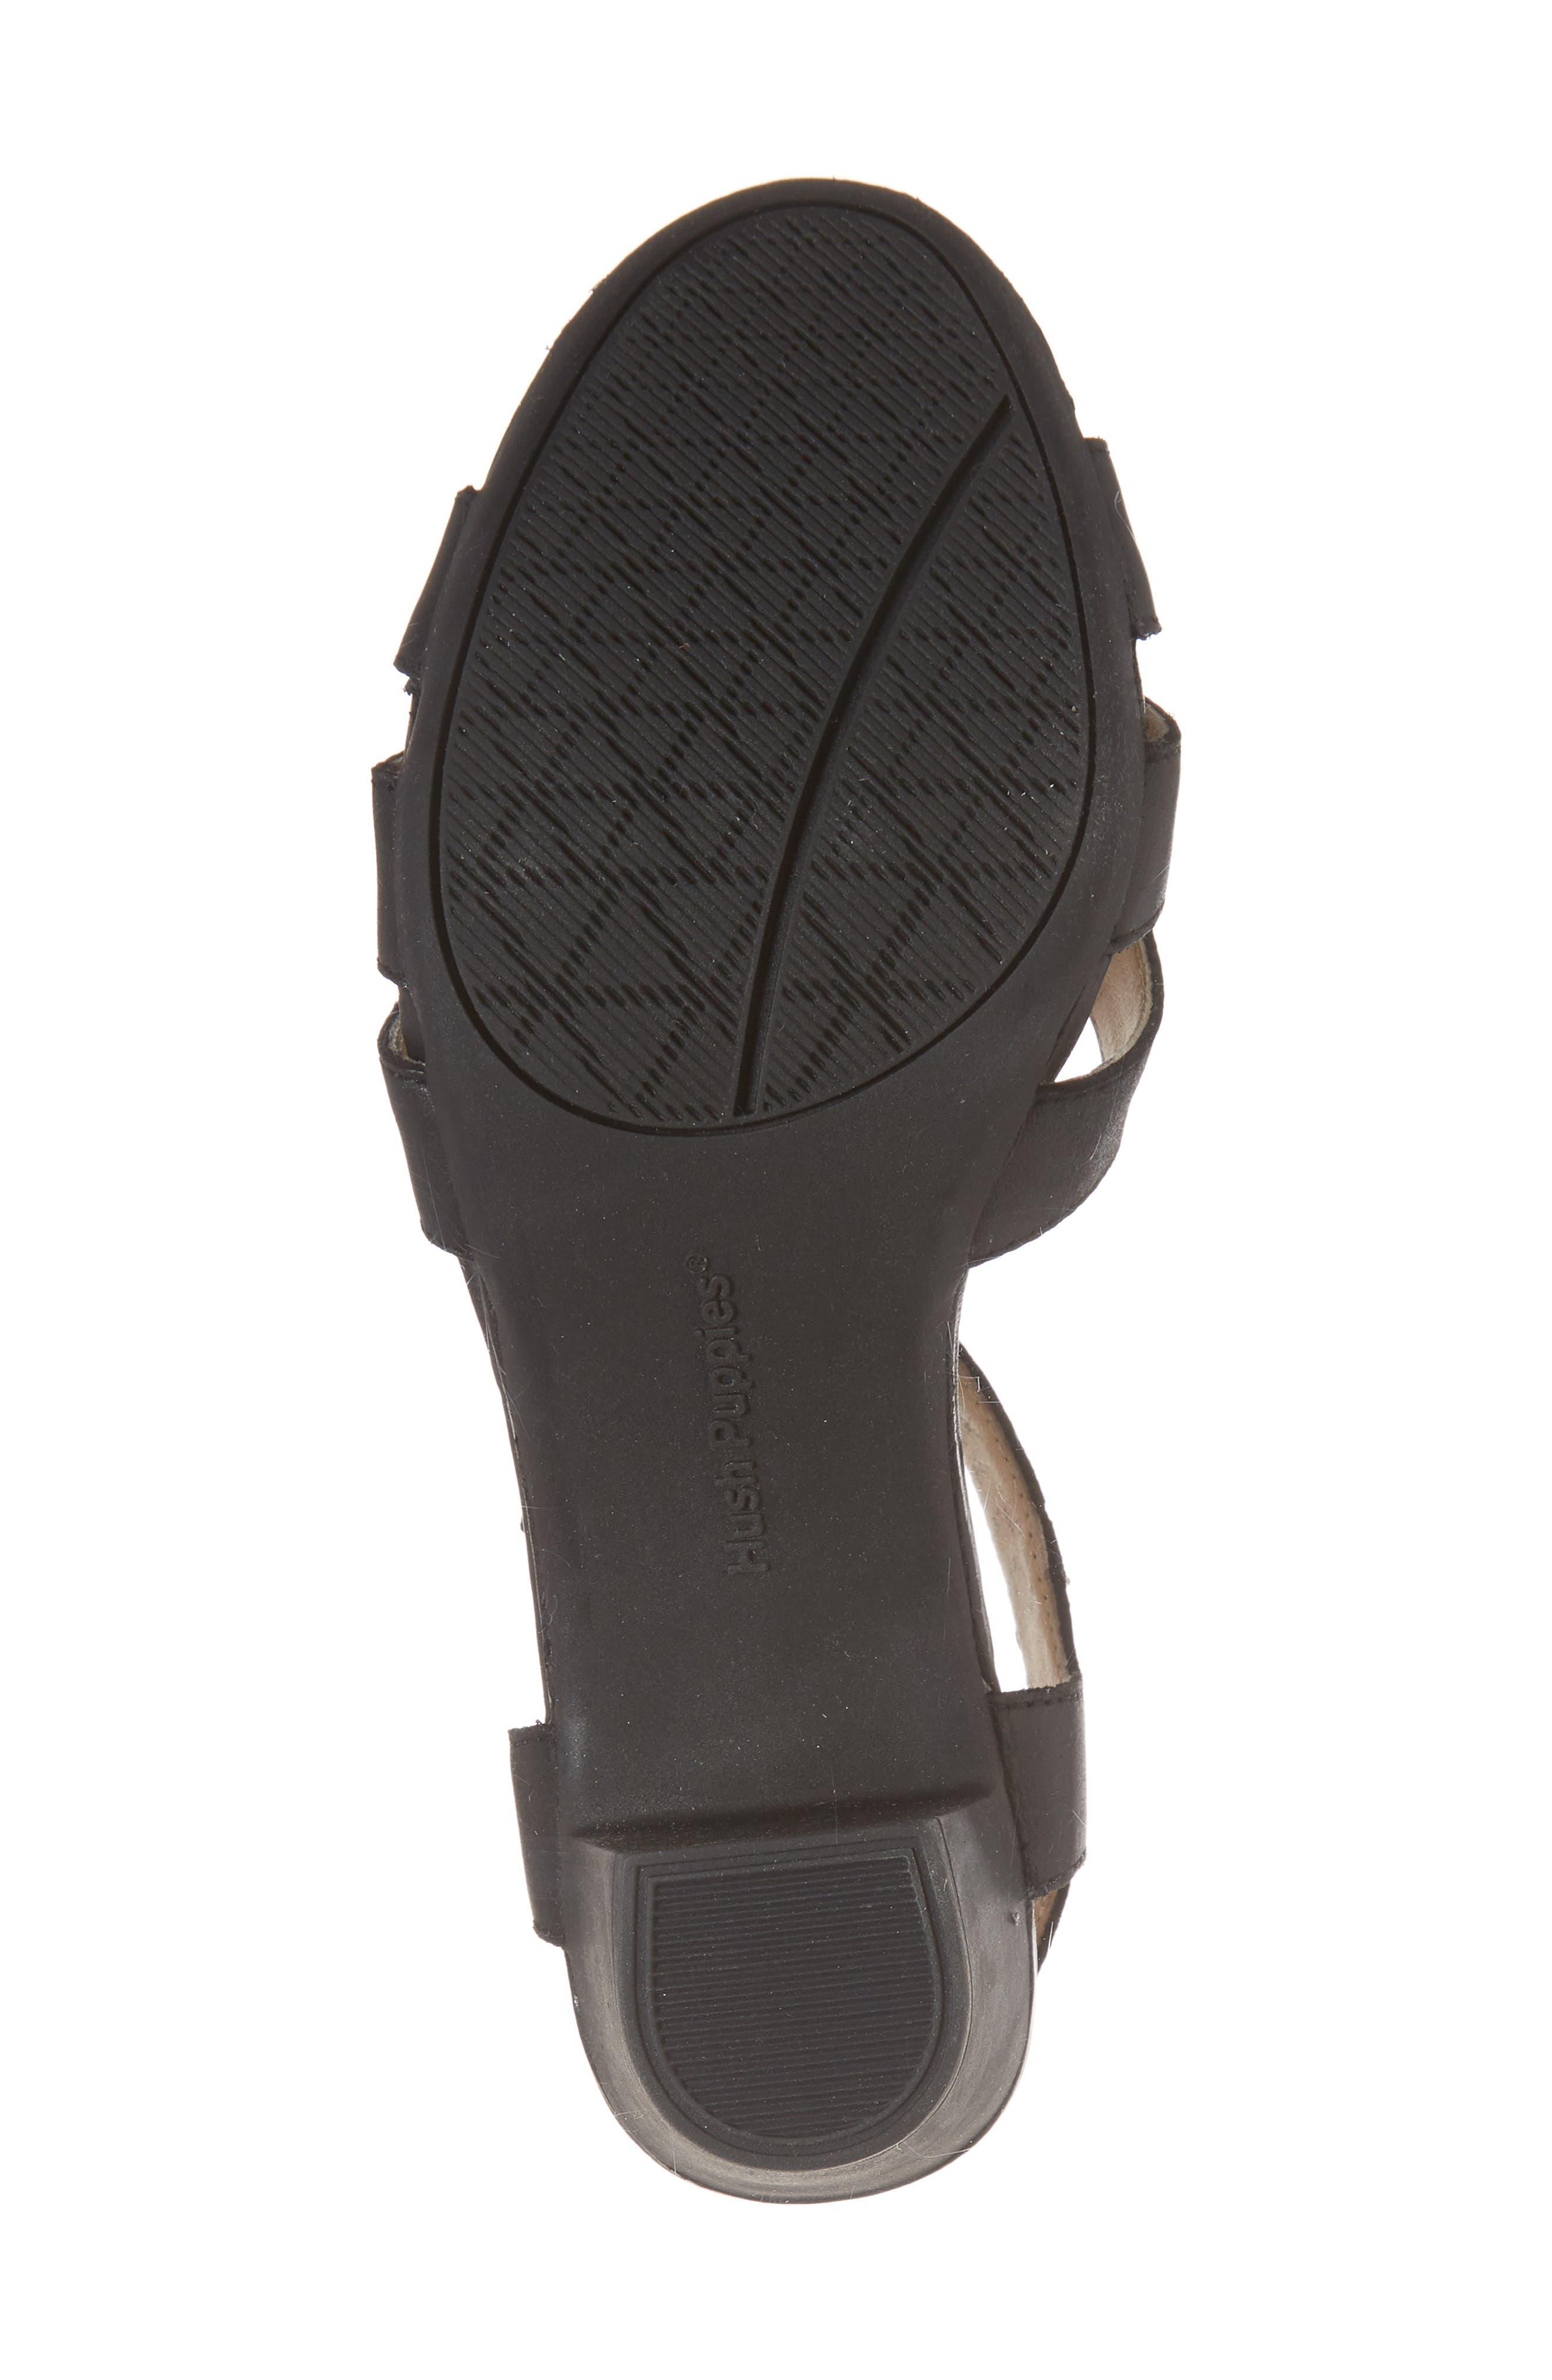 Masseter Quarter Strap Sandal,                             Alternate thumbnail 6, color,                             007